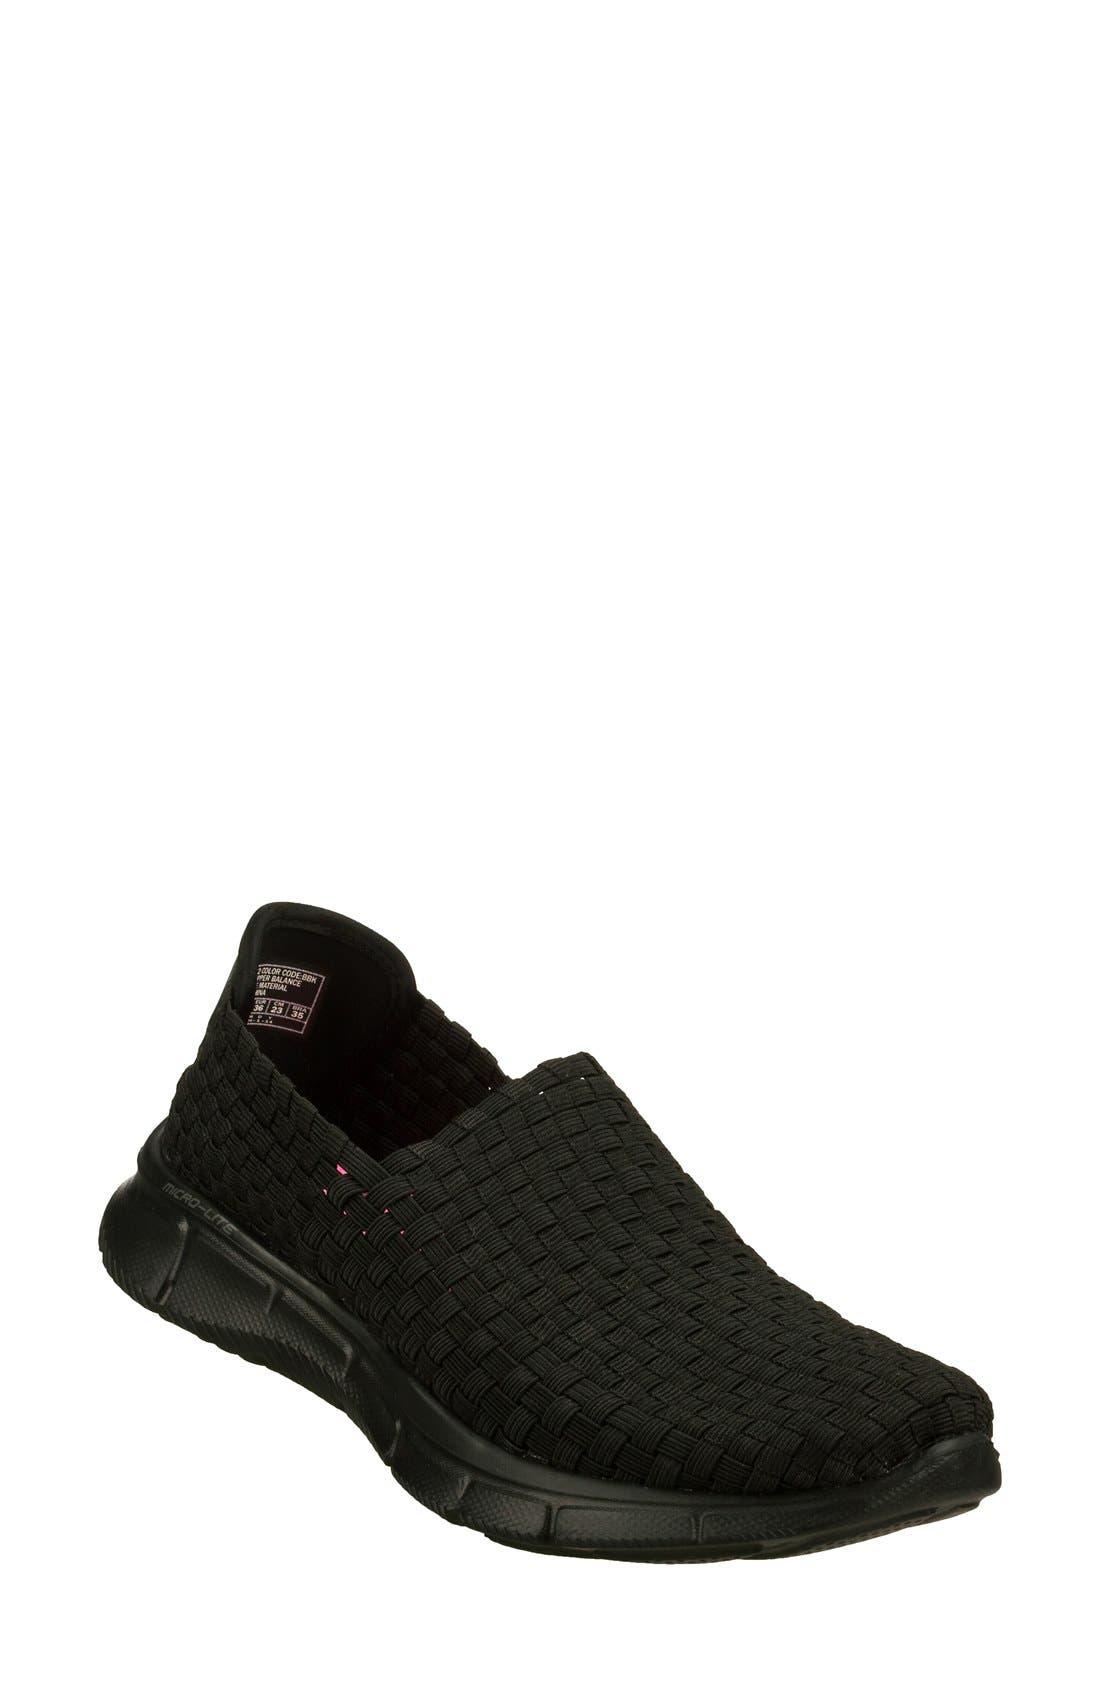 Alternate Image 1 Selected - SKECHERS 'Dream On' Walking Shoe (Women)